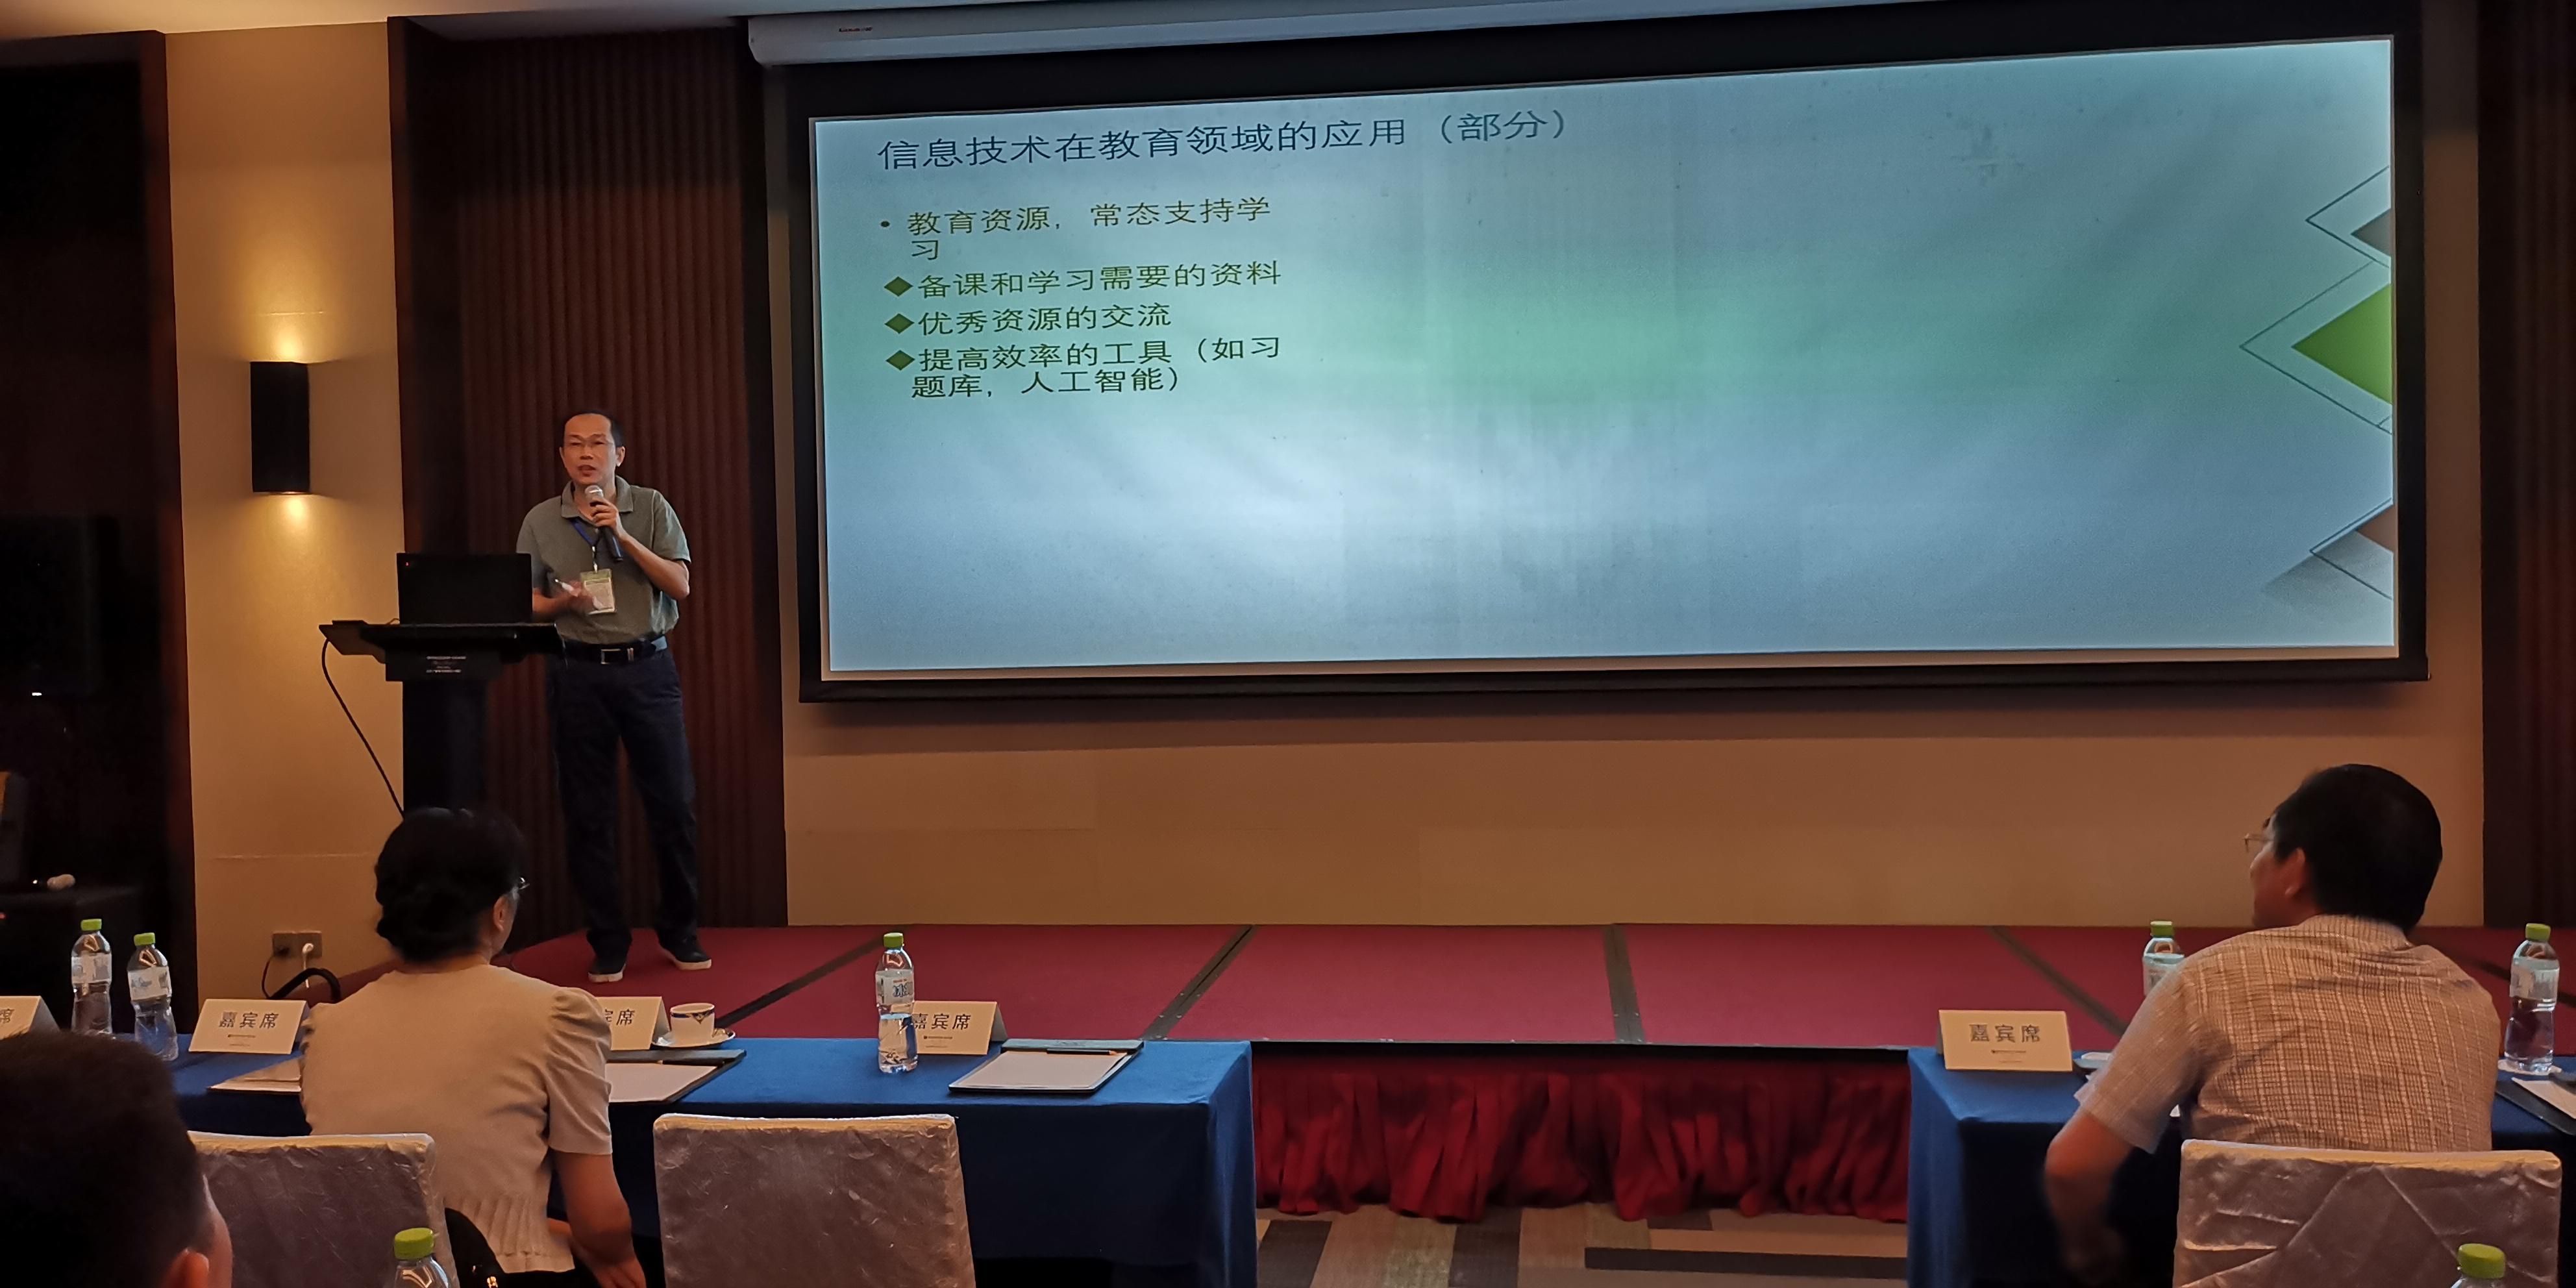 海南省教育和科研计算机网2019年学术年会在文昌召开